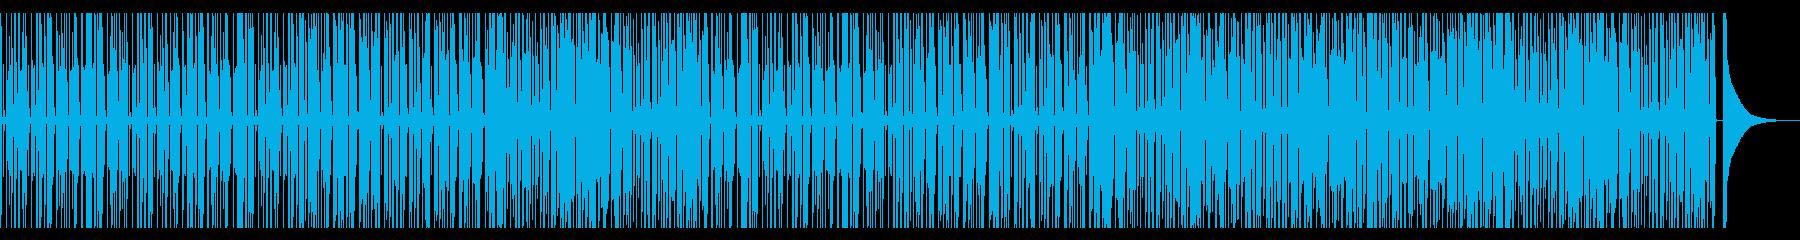 アーバンメロウなソウルポップの再生済みの波形